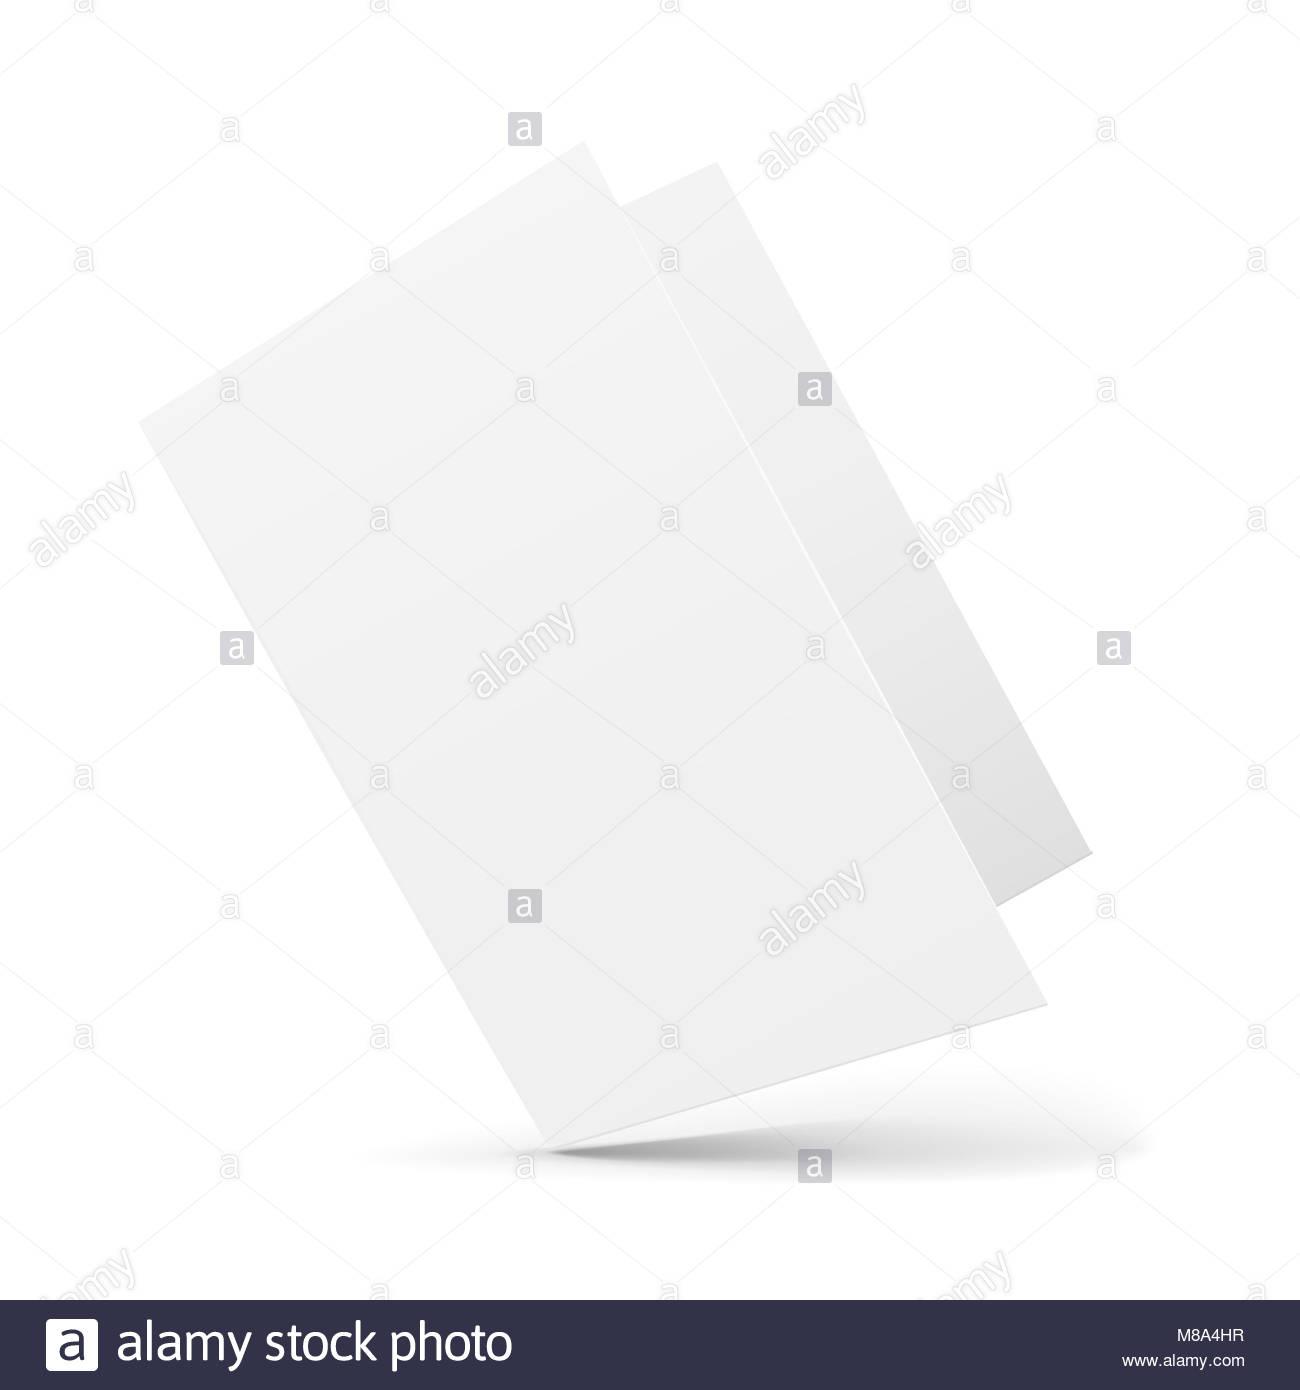 Tolle Brettspiel Karten Vorlage Ideen - Beispiel Wiederaufnahme ...